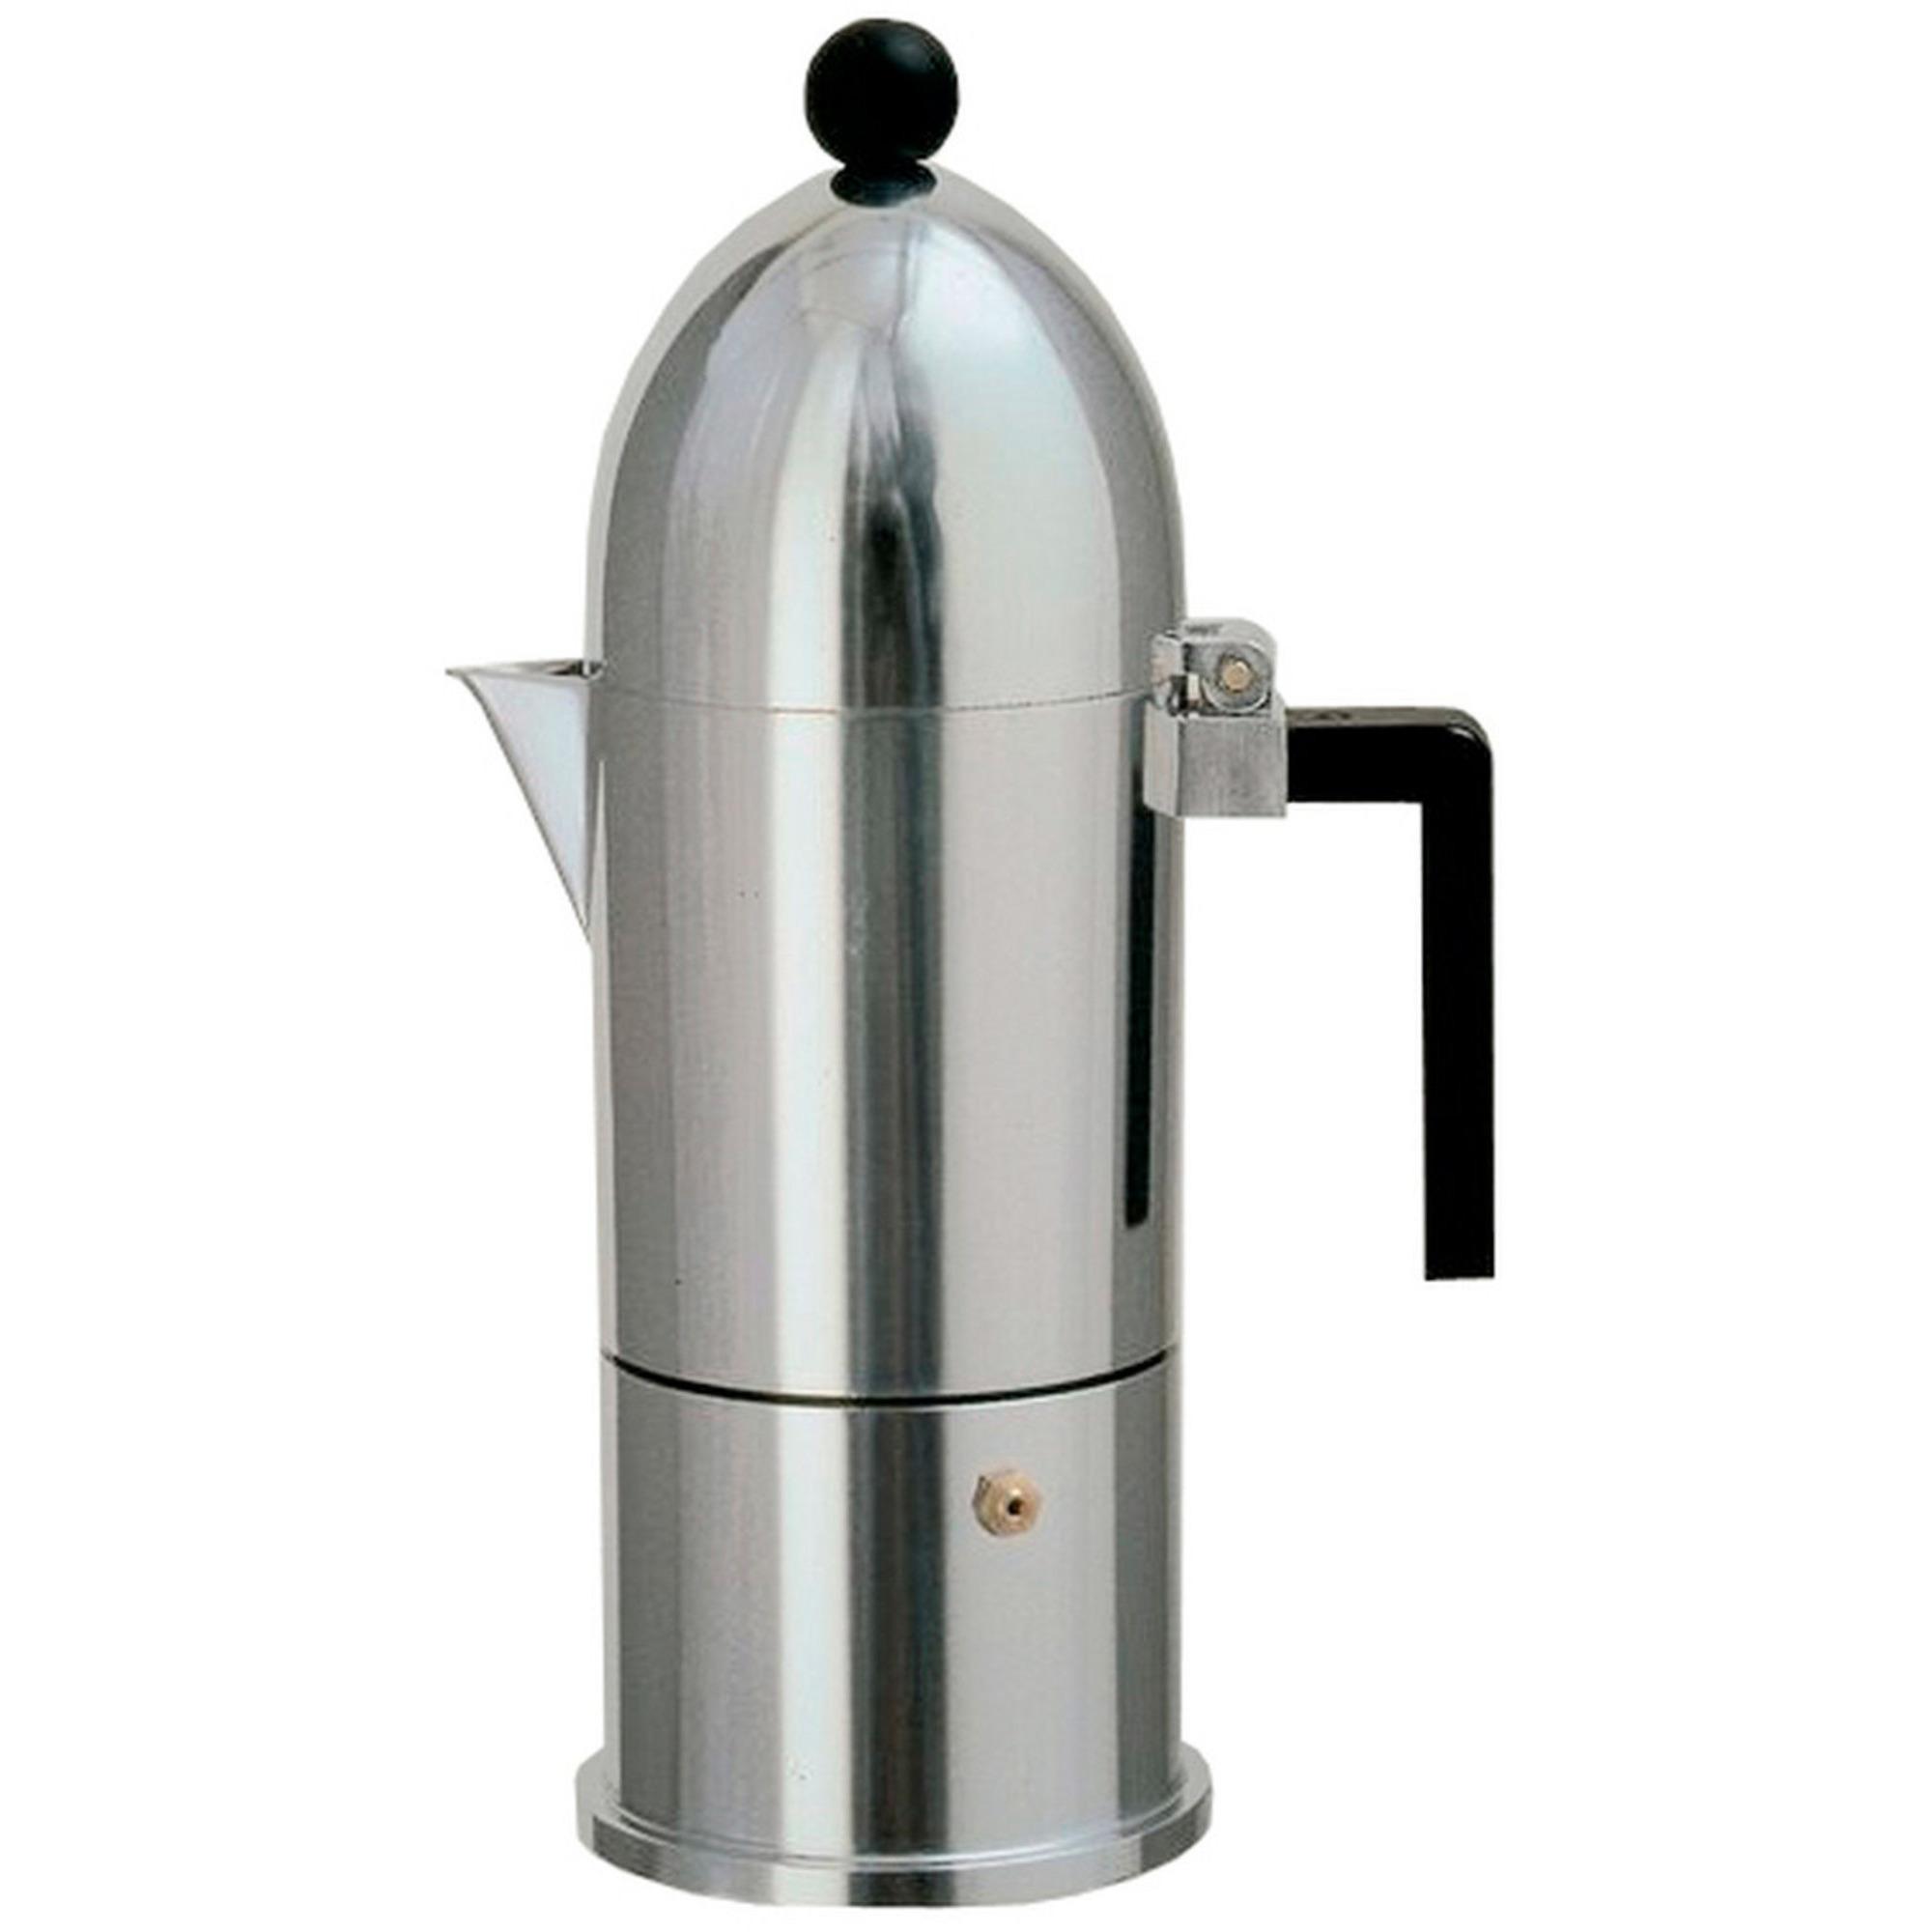 Alessi La Cupola Espressobryggare 3 Koppar